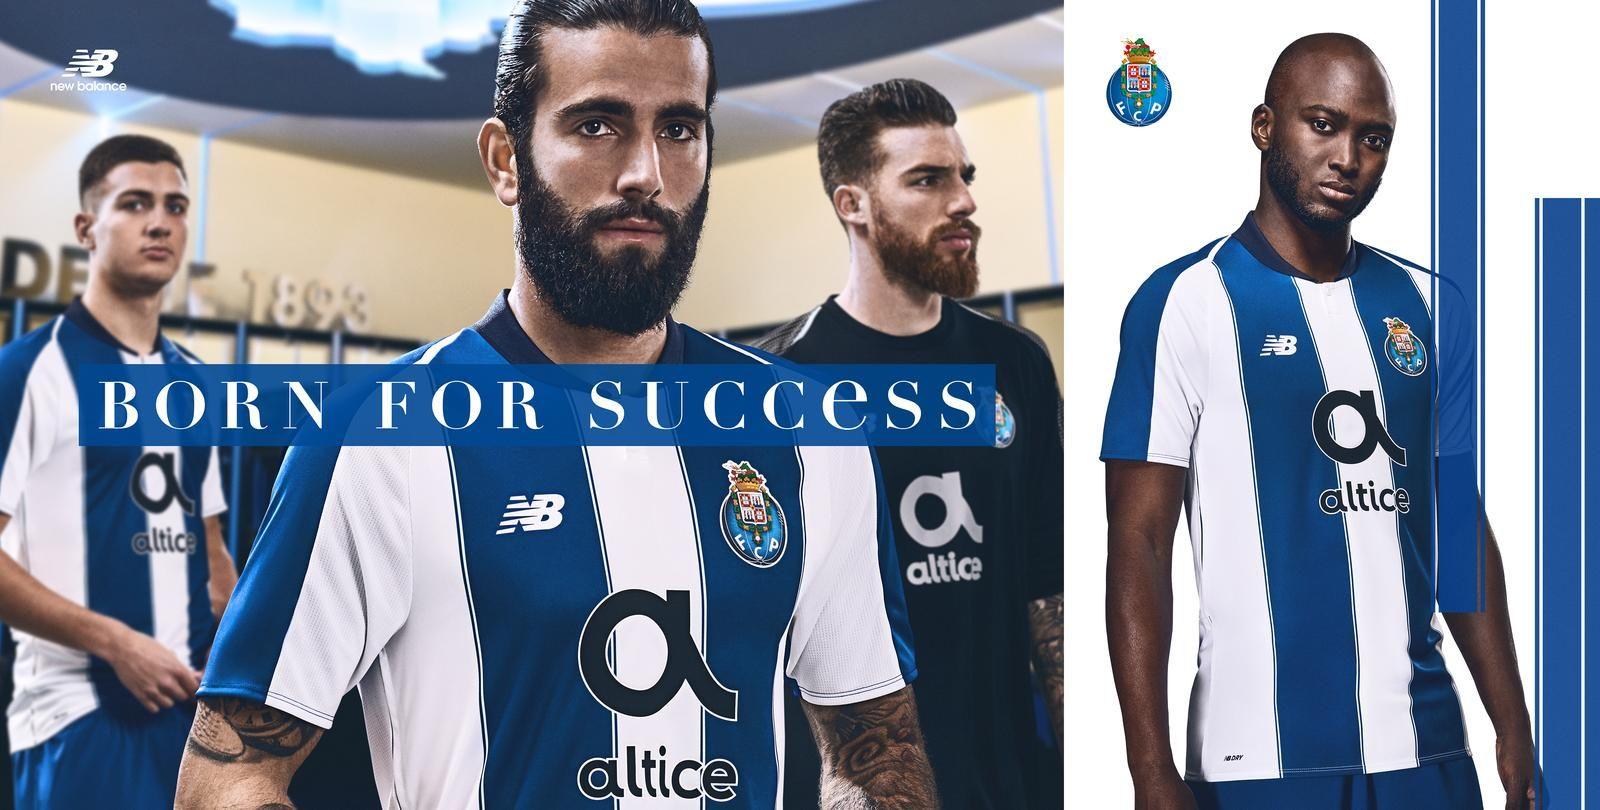 Porto 18-19 Home Kit Released - Footy Headlines  4aec79526